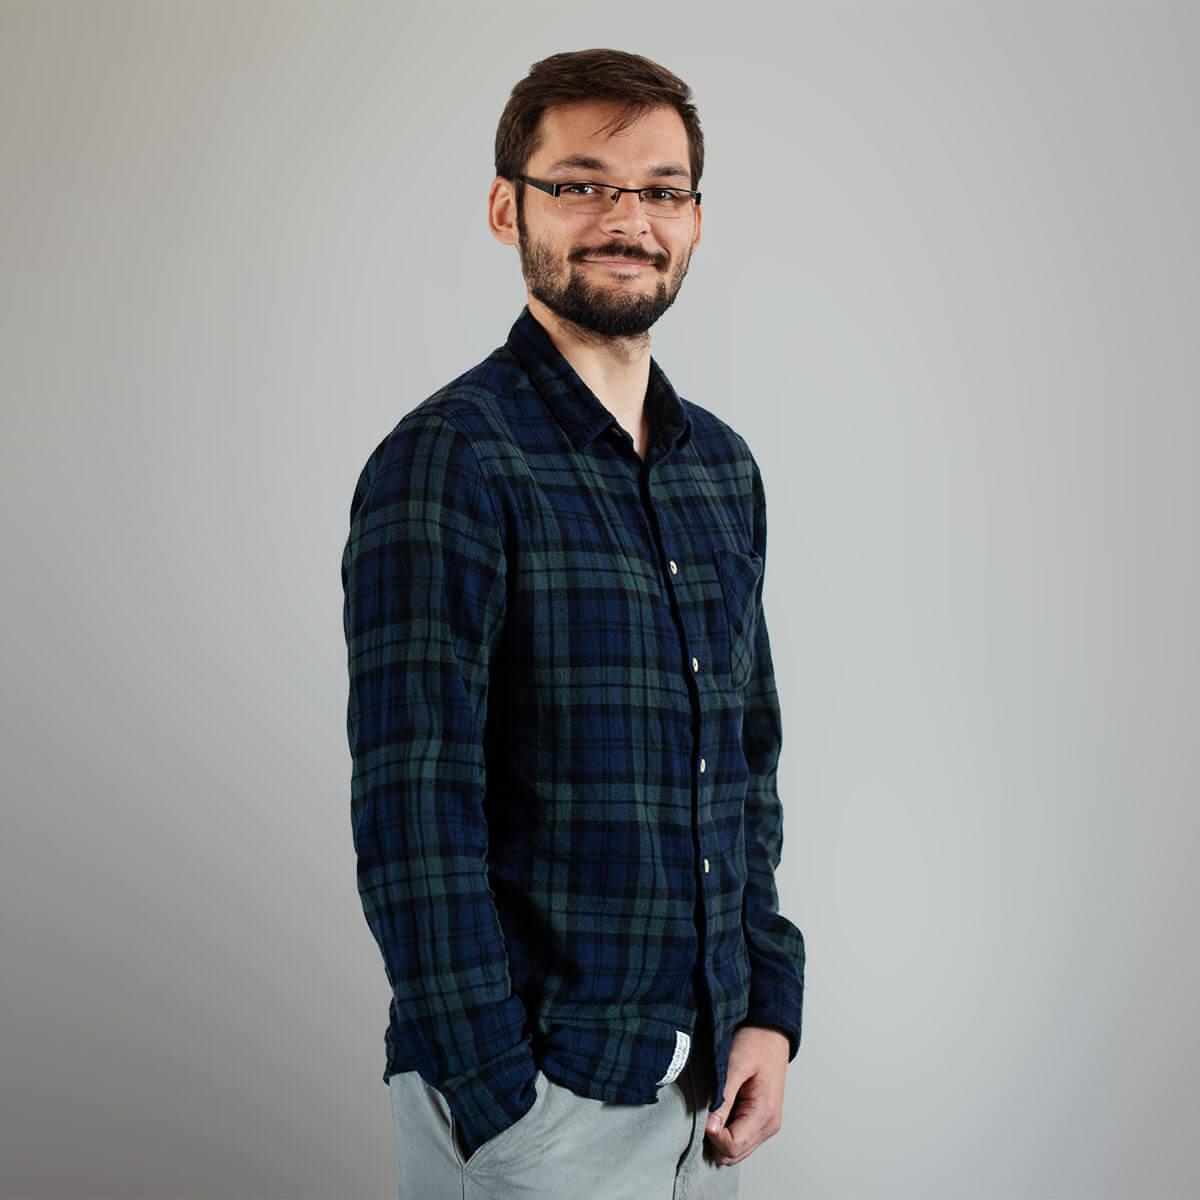 Piotr Paczkowski